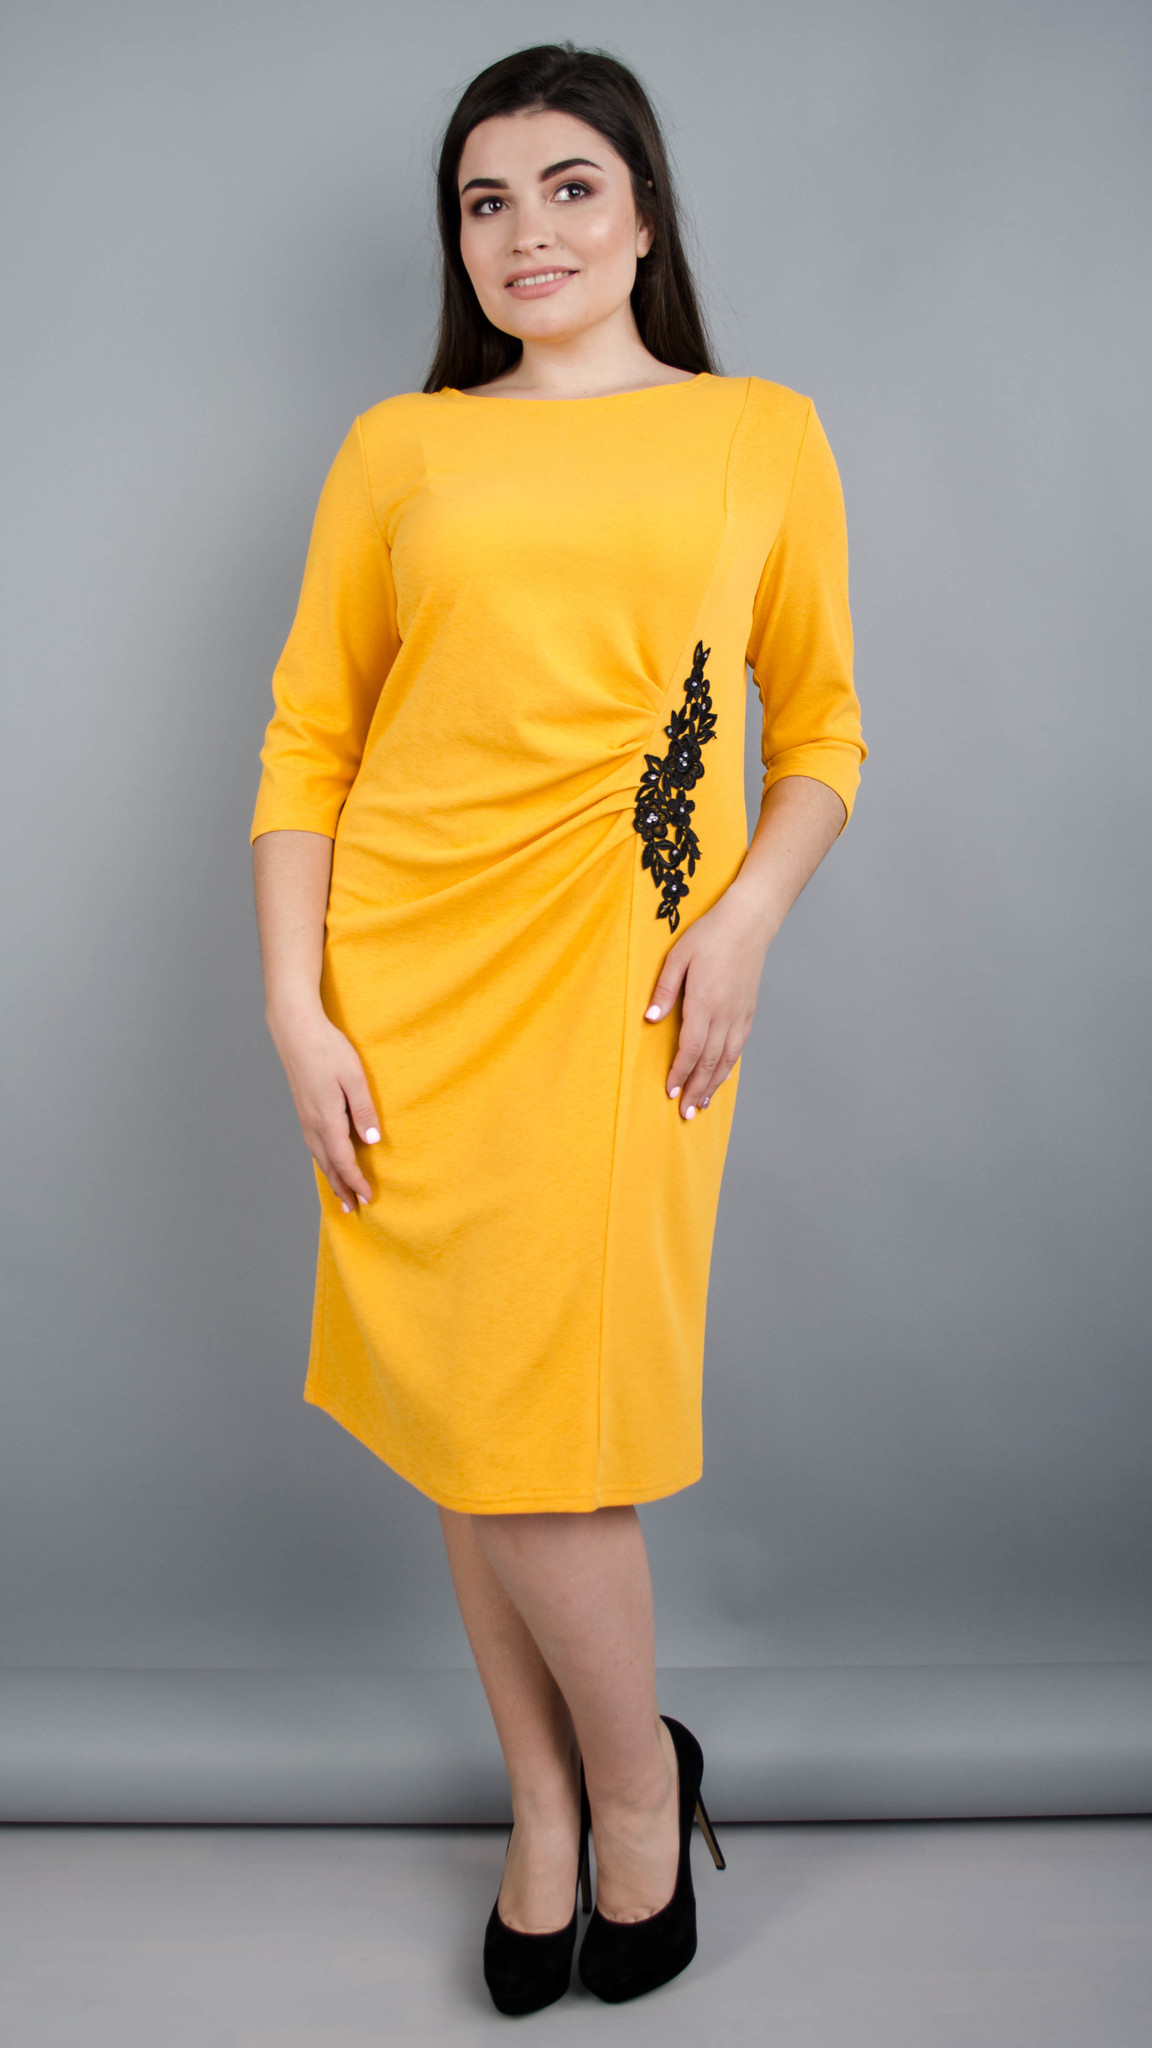 Тейлор. Гарна жіноча сукня плюс сайз. Гірчиця.